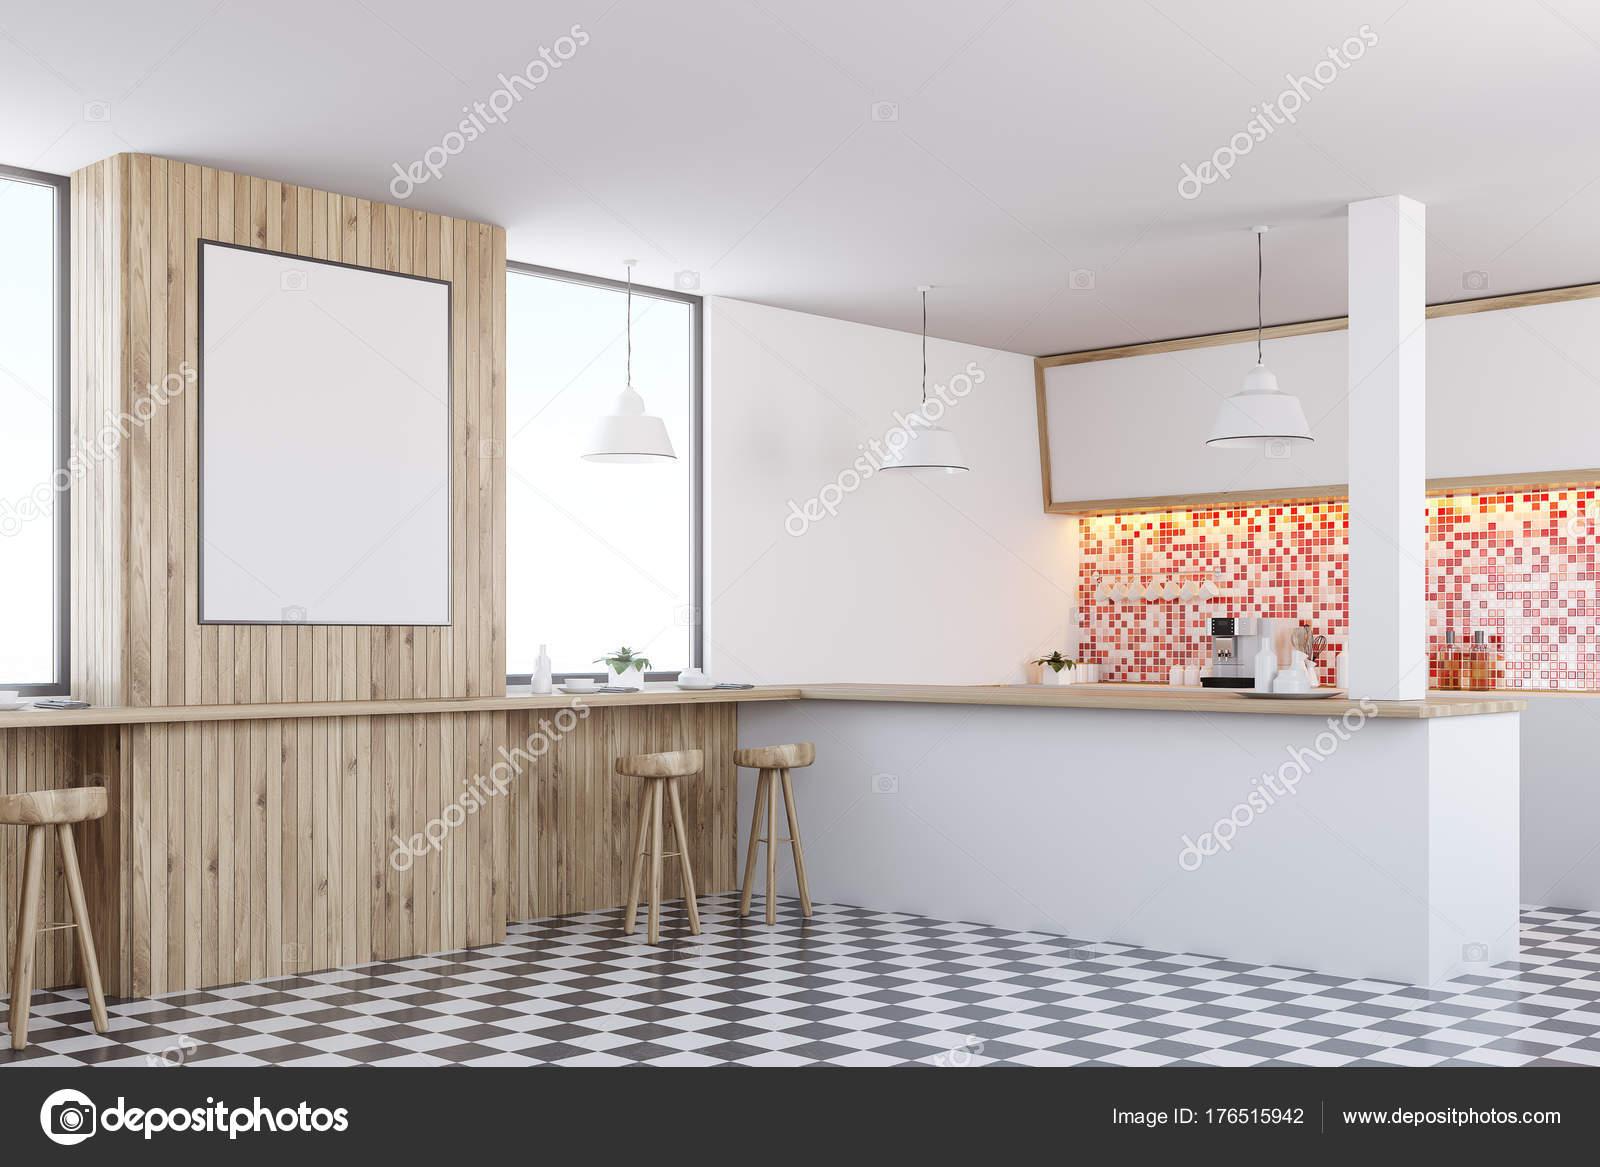 Mattonelle rosse bar interni poster lato u foto stock